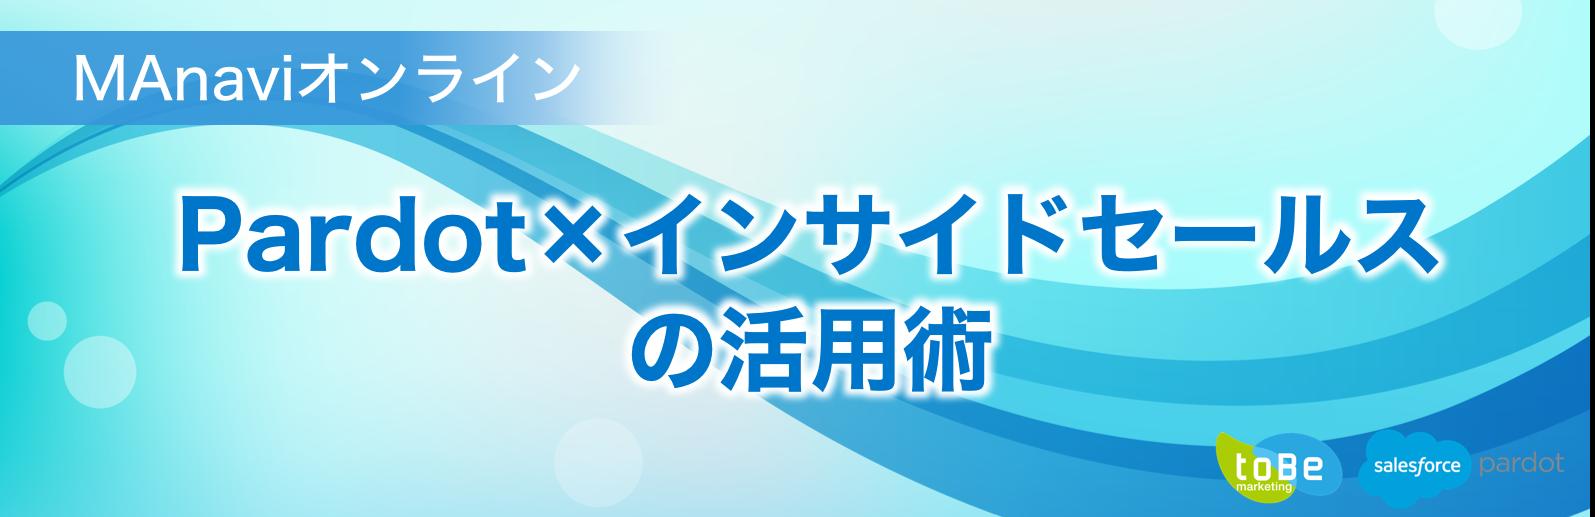 【MAnaviオンライン】 Pardot×インサイドセールスの活用術